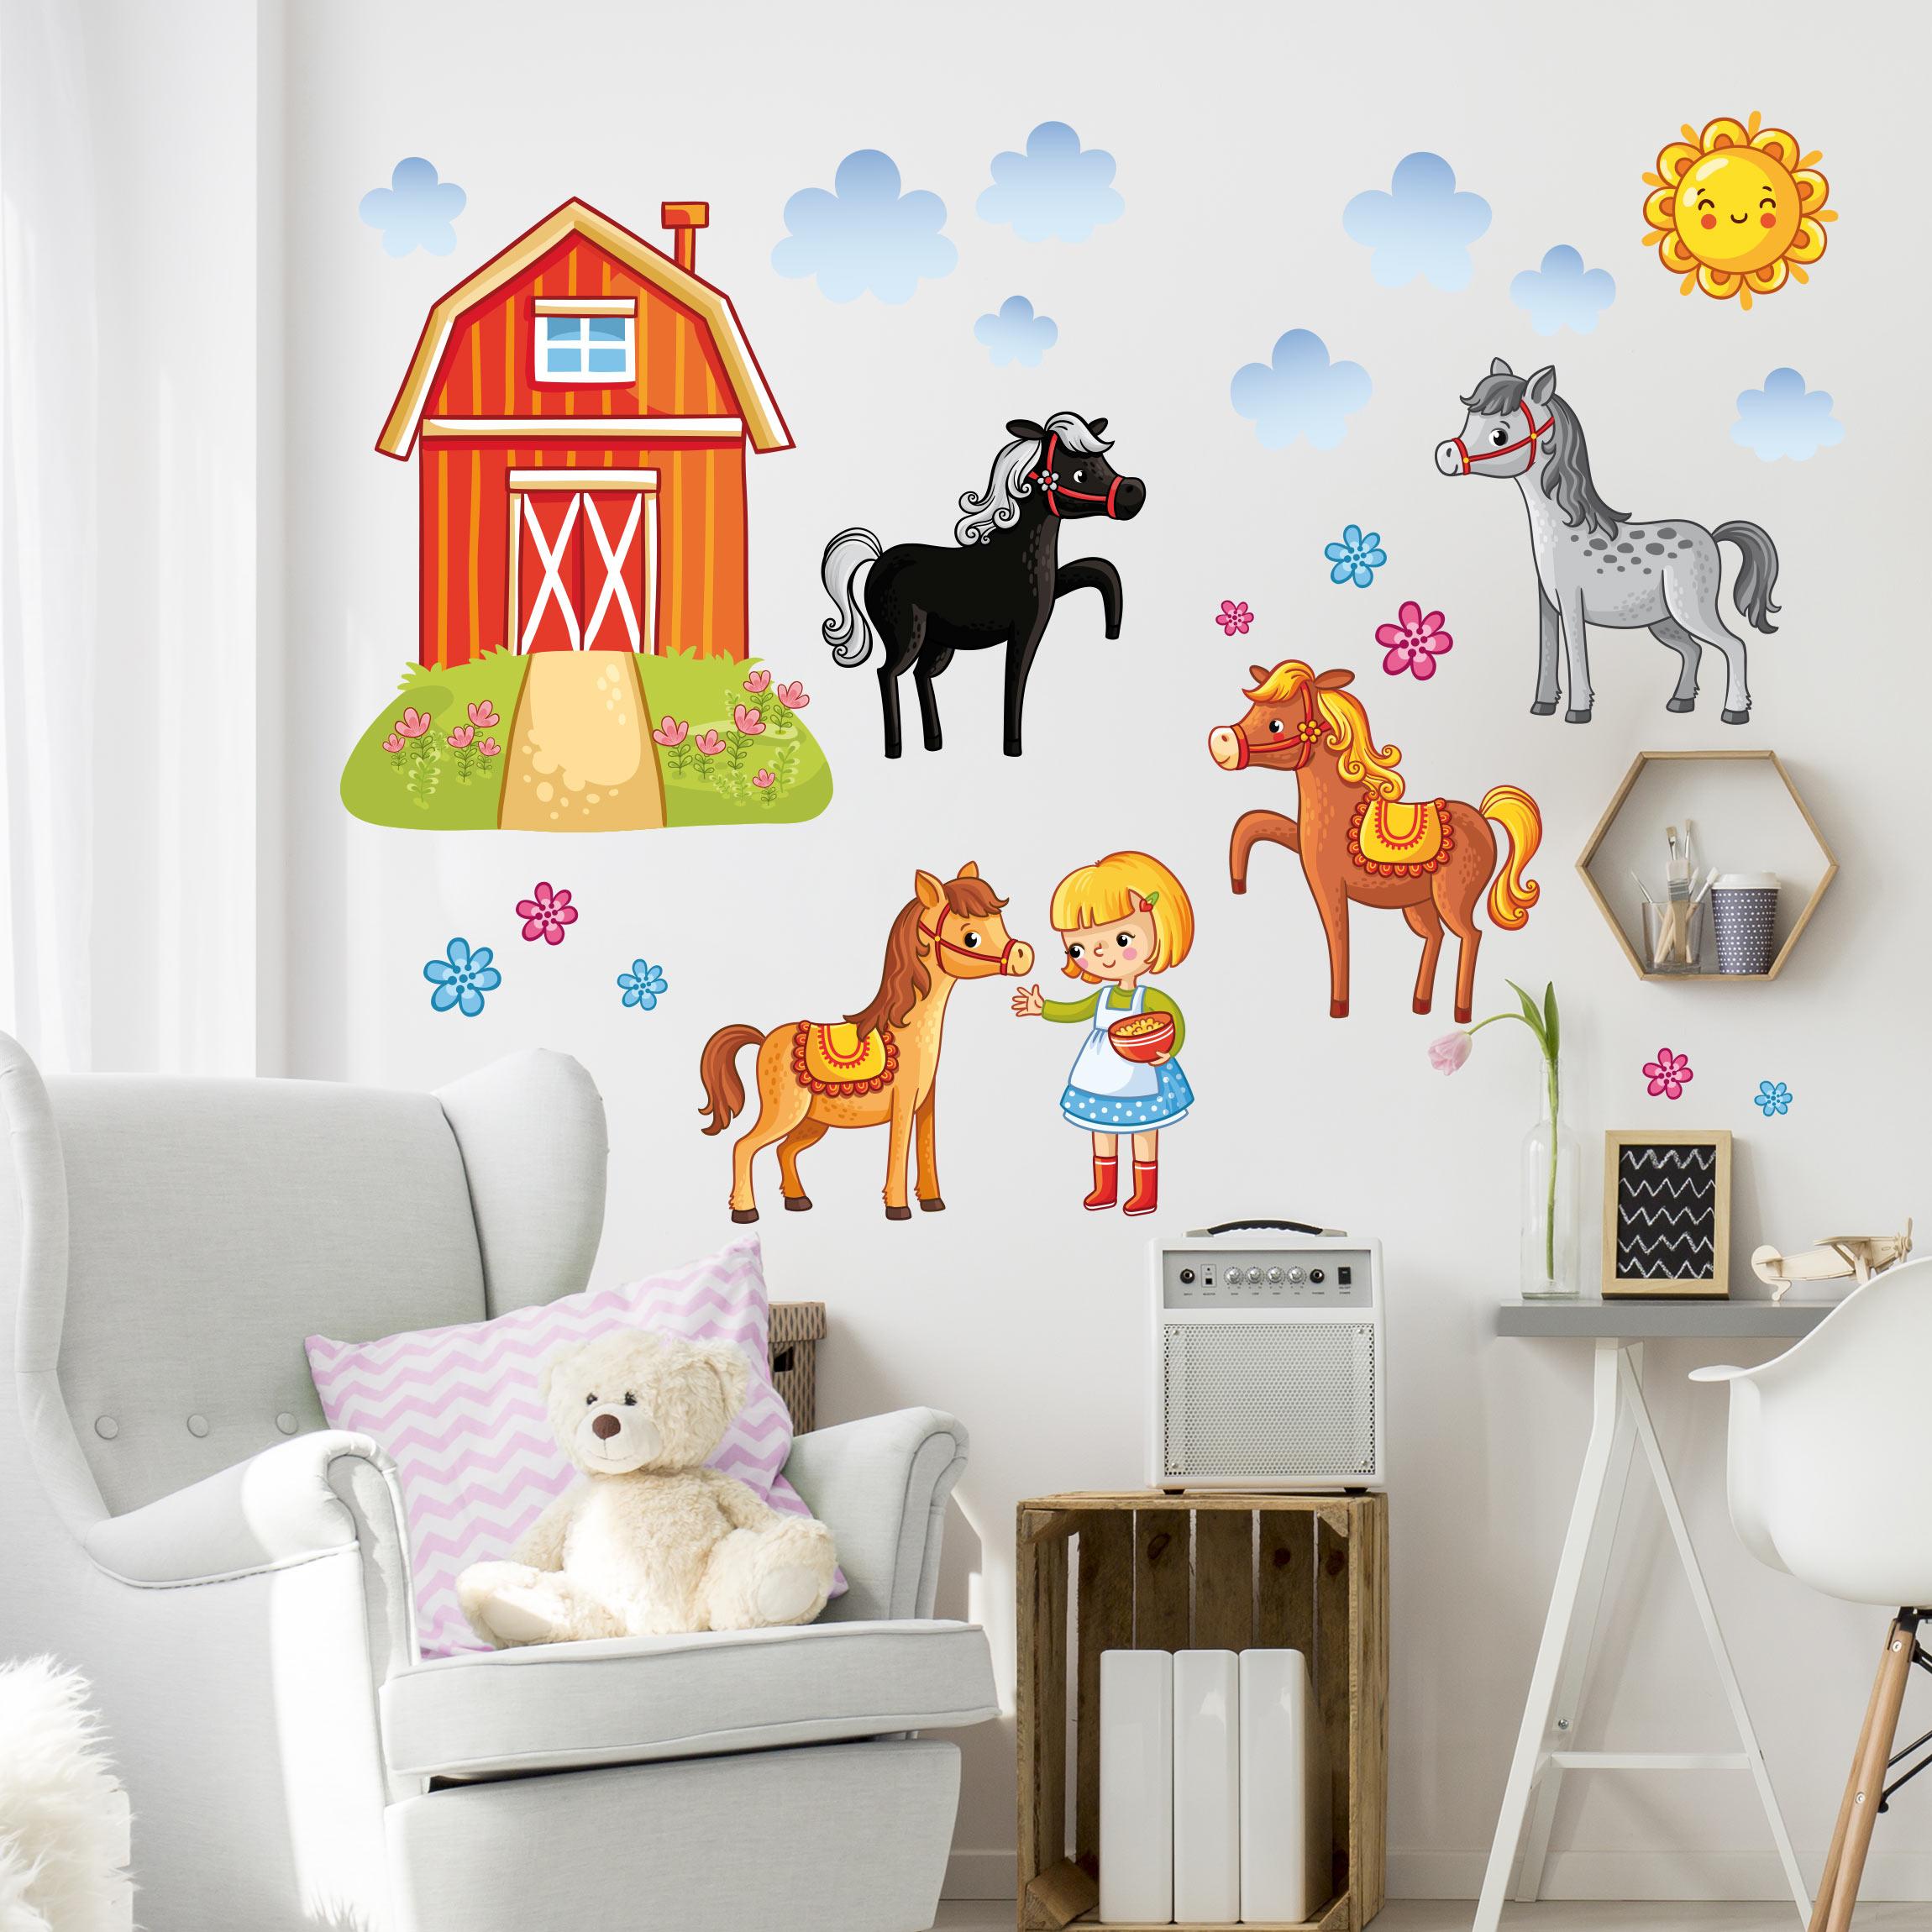 Full Size of Kinderzimmer Pferd Wandtattoo Bauernhof Set Mit Pferden Regale Regal Sofa Weiß Kinderzimmer Kinderzimmer Pferd